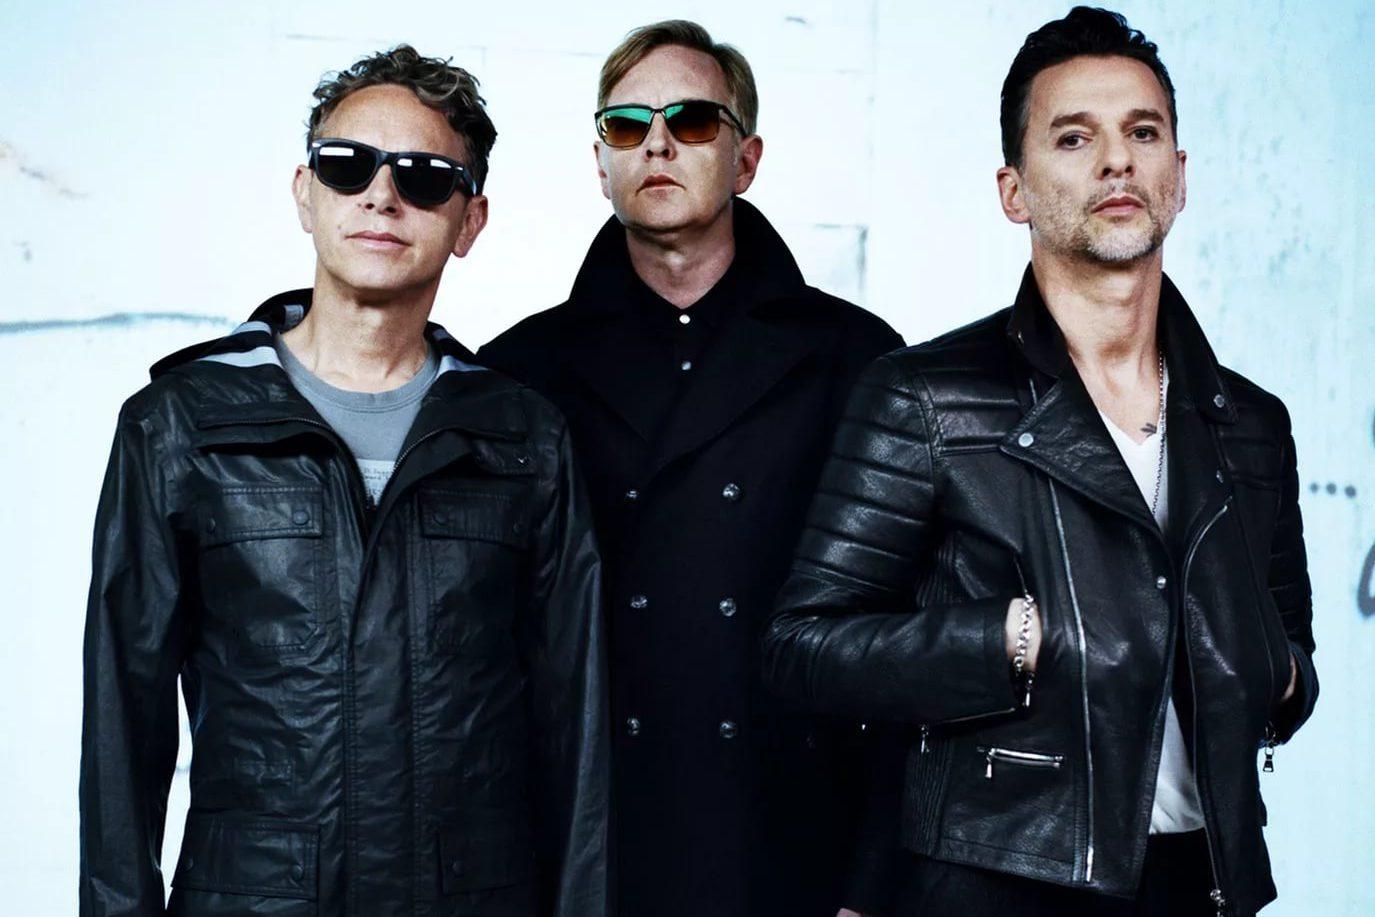 Британская группа Depeche Mode выпустила новый альбом